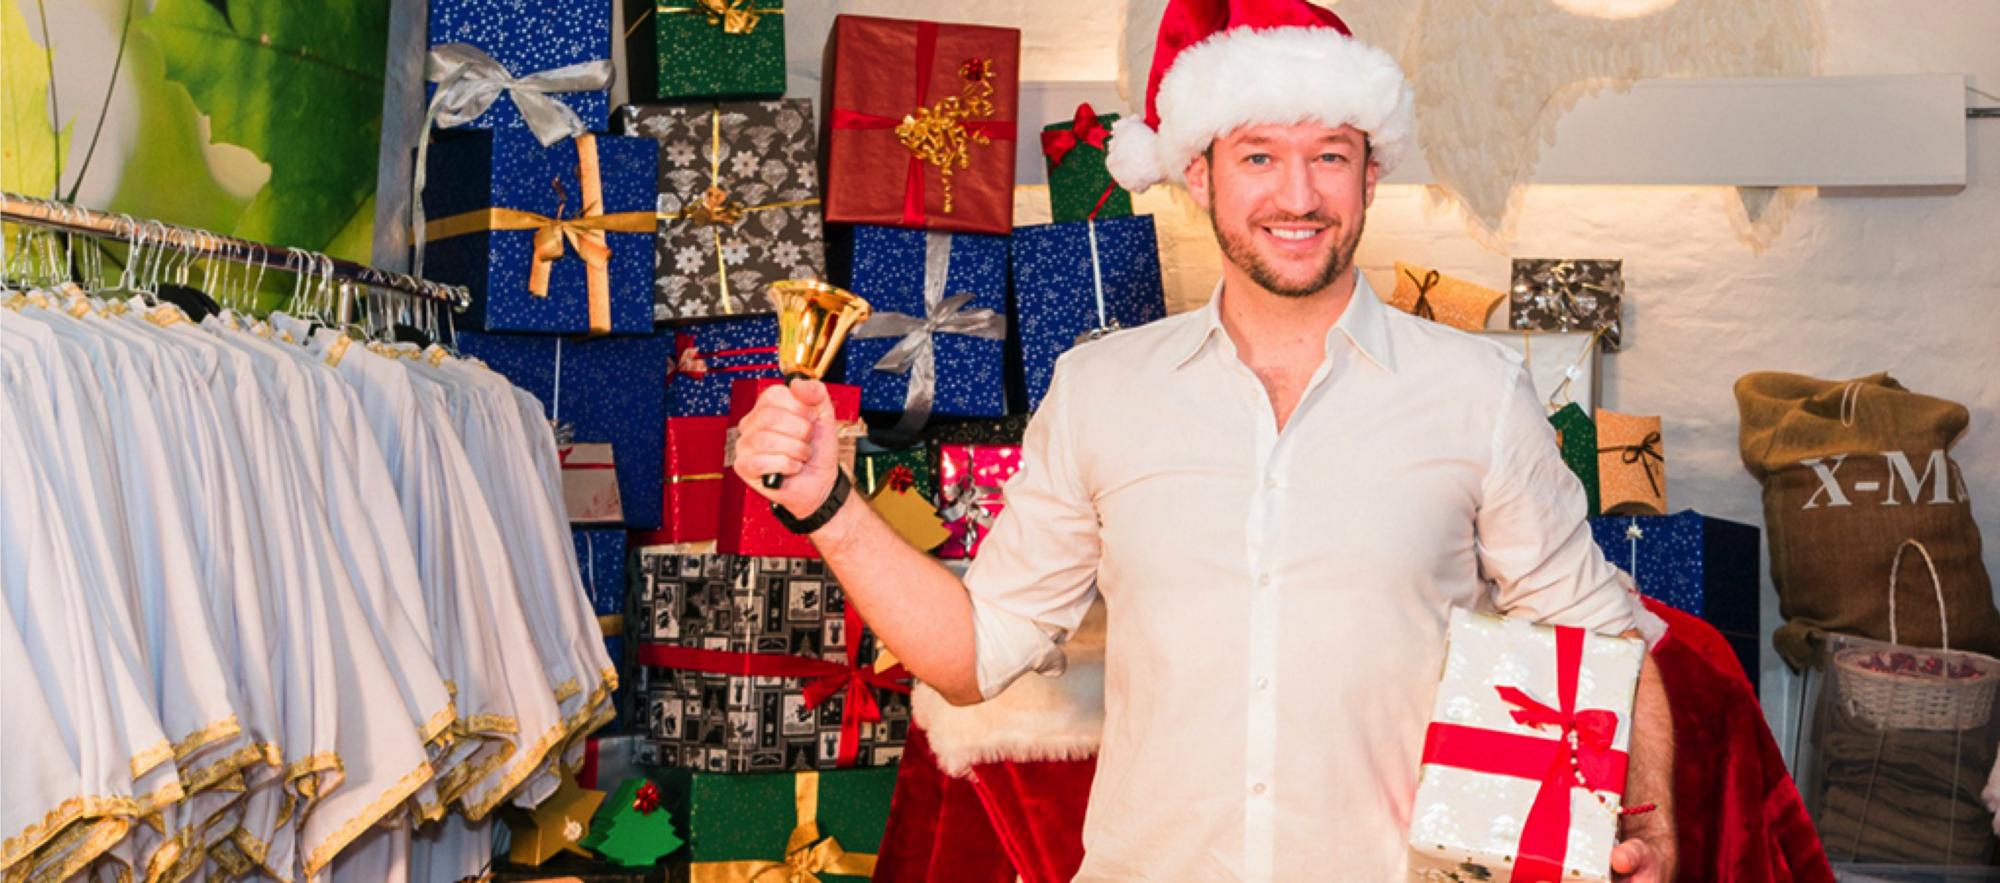 Jan Mitja Biehl als Weihnachtschef